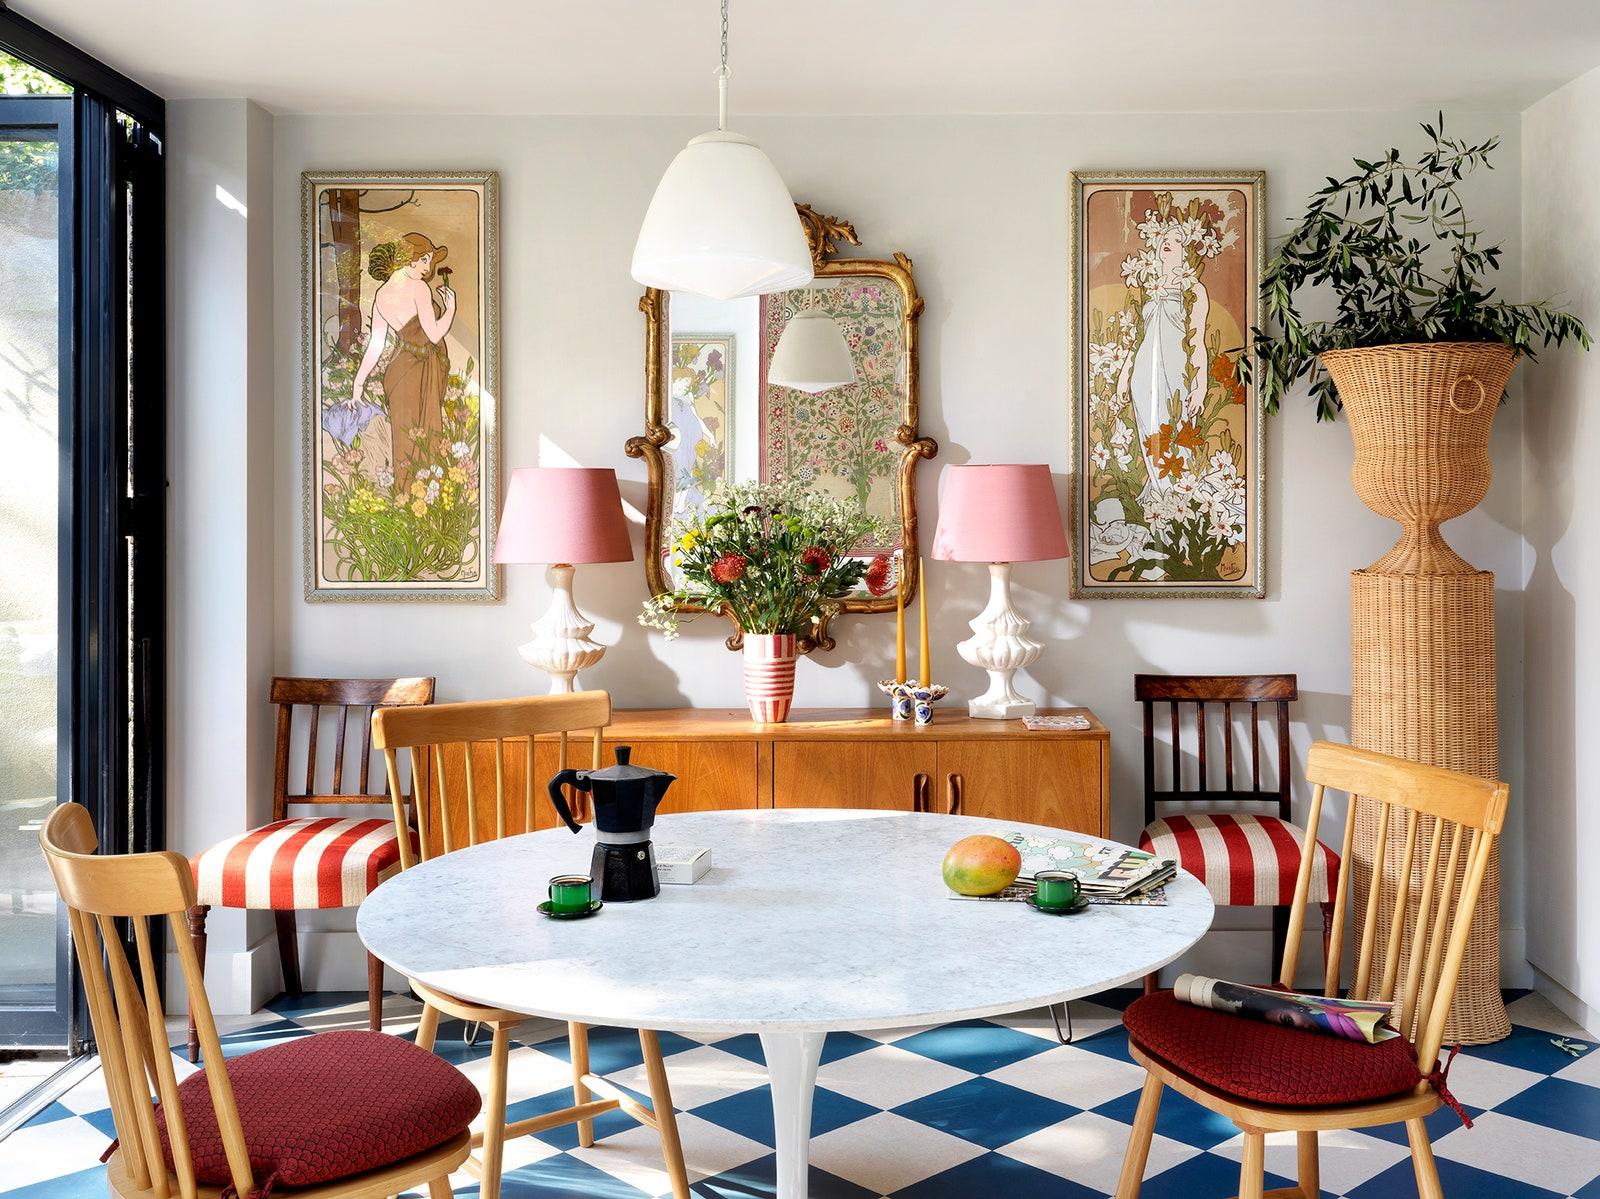 Nhà phố có không gian sống 3 trong 1 cực ấn tượng với decor màu ngập tràn sắc xuân - Ảnh 3.